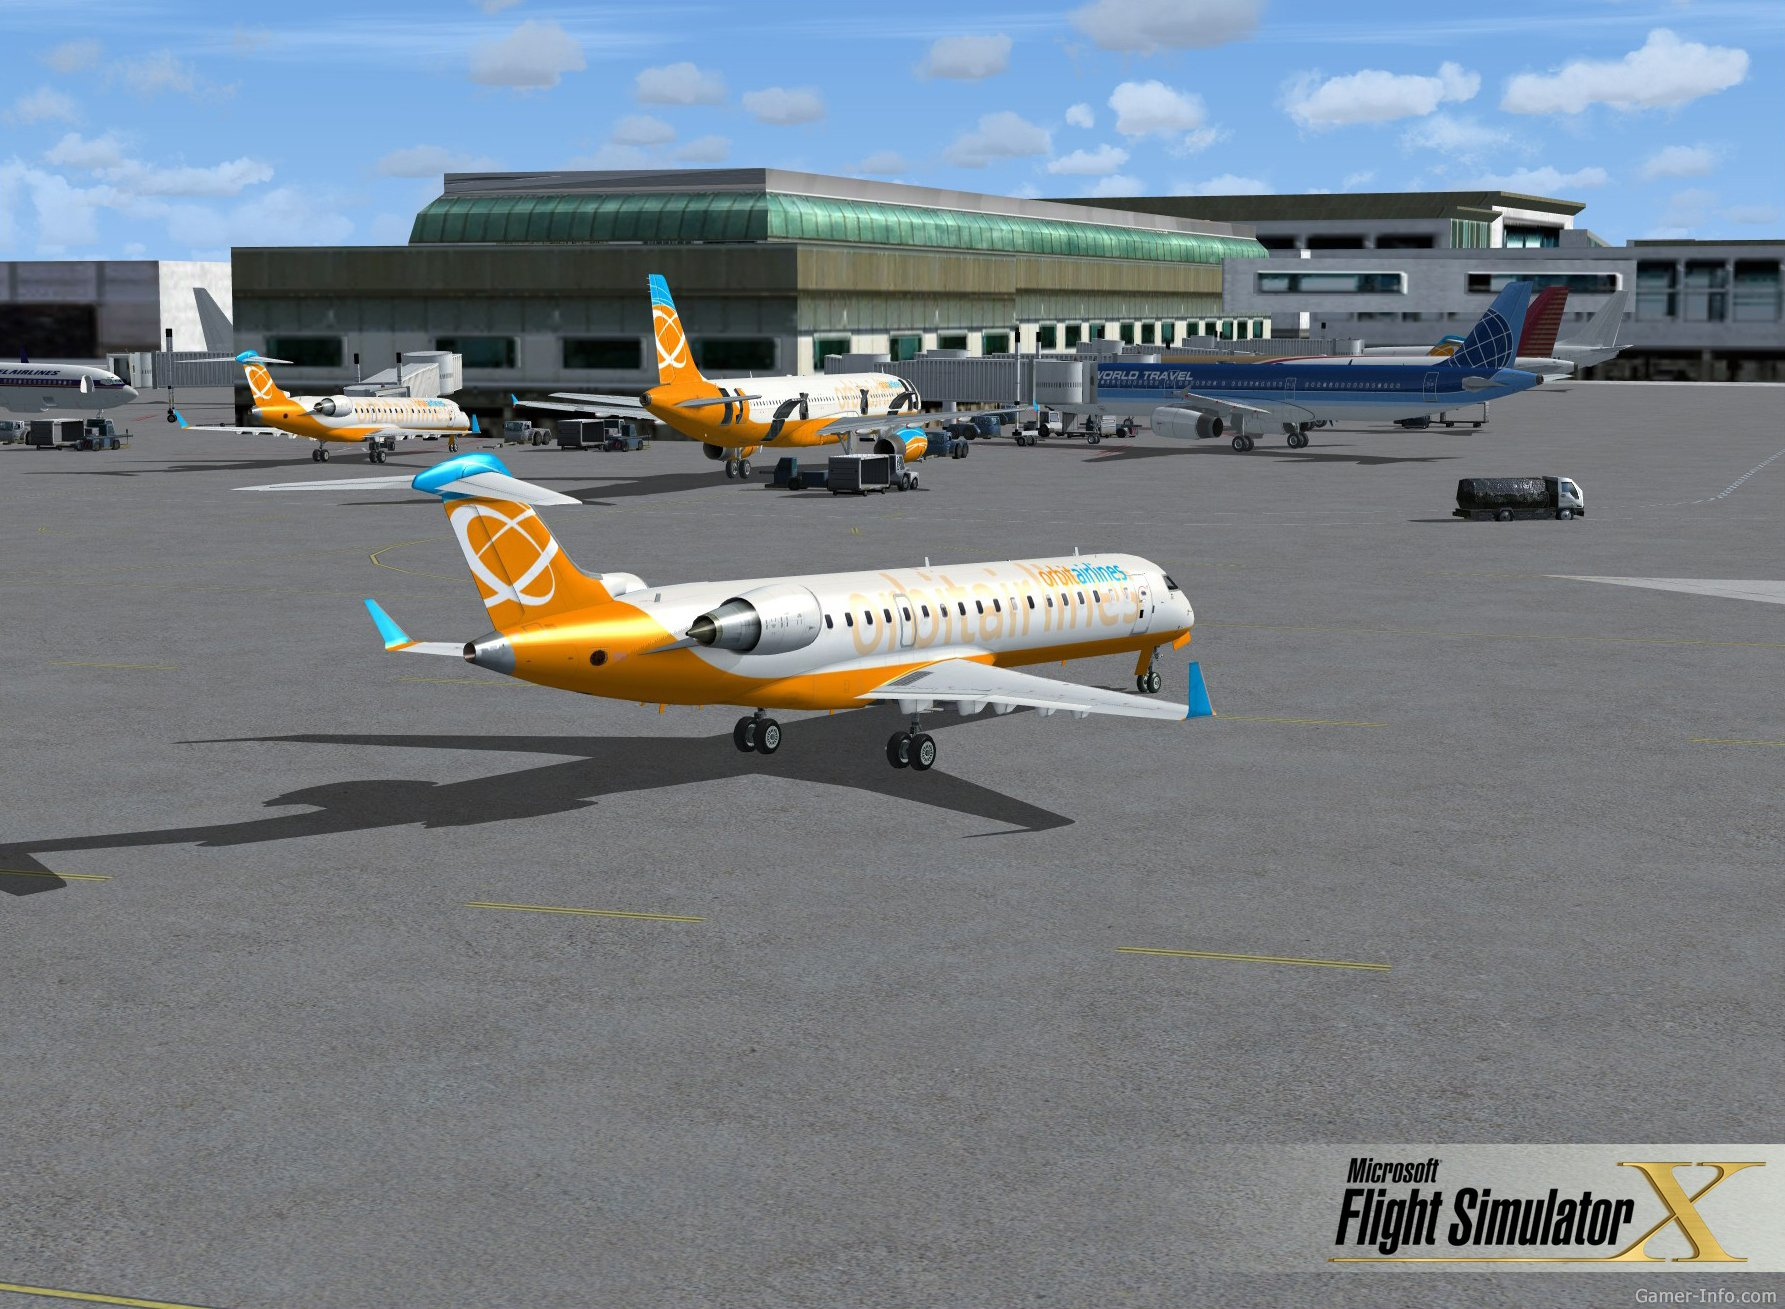 Скачать симулятор microsoft flight simulator 2018